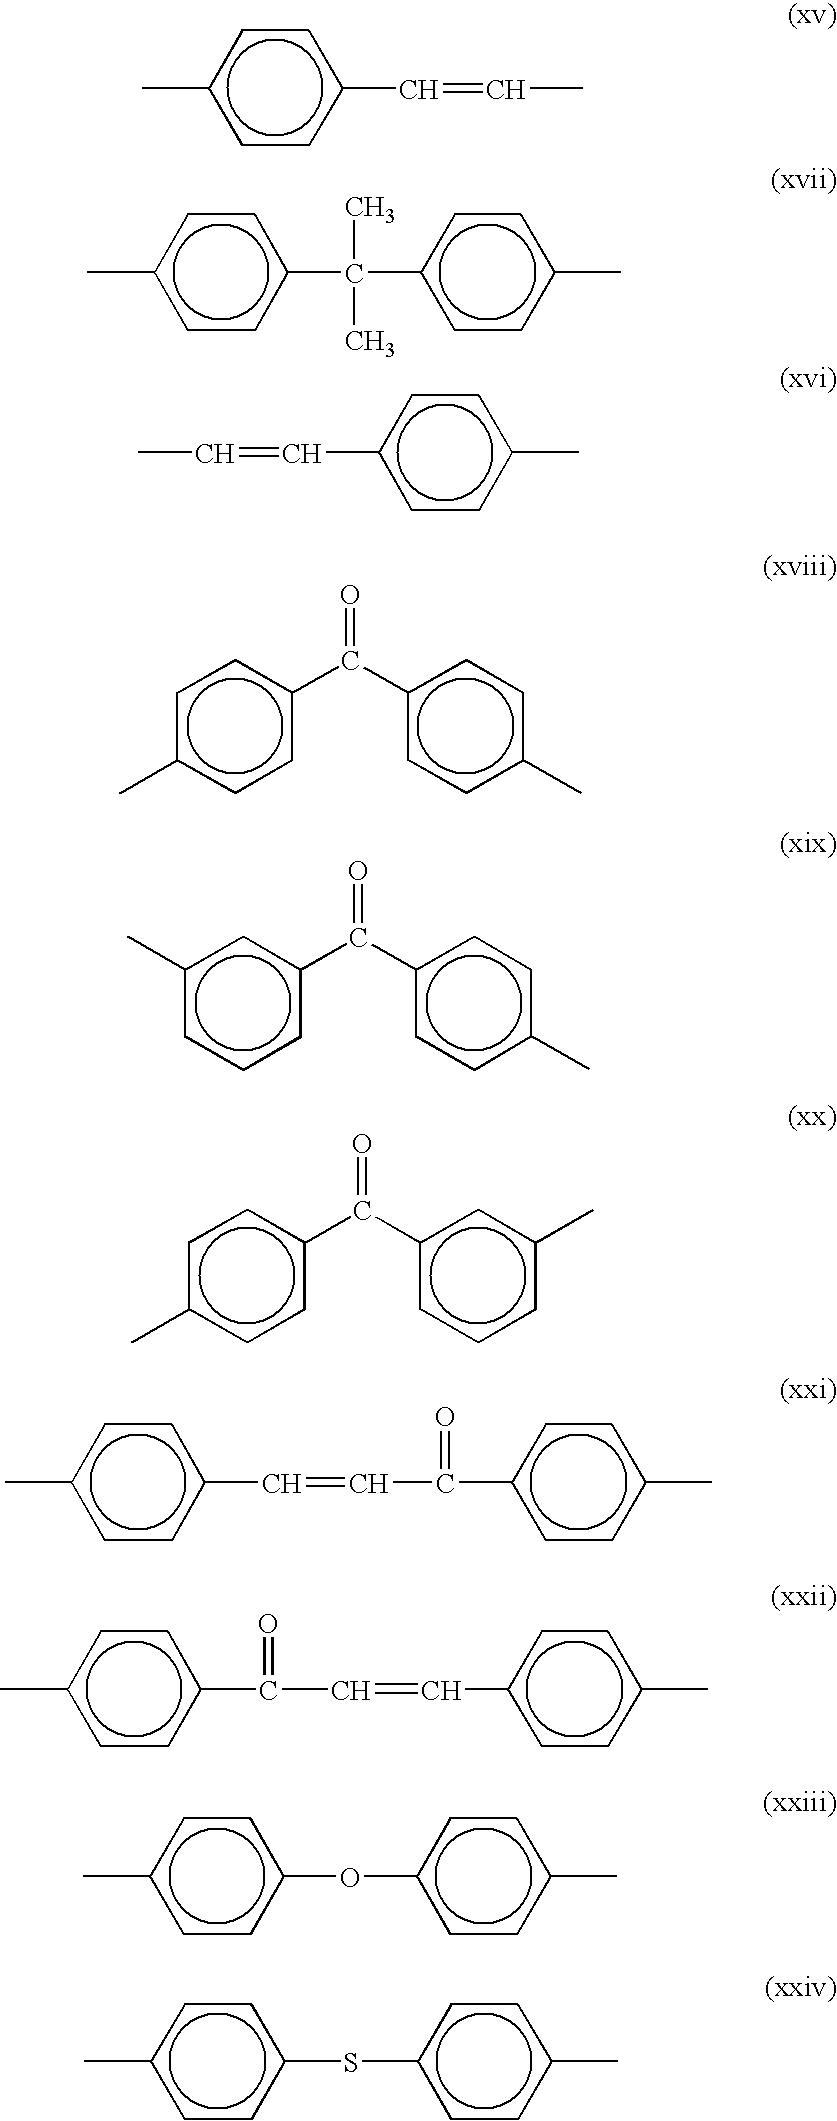 Figure US07495729-20090224-C00004